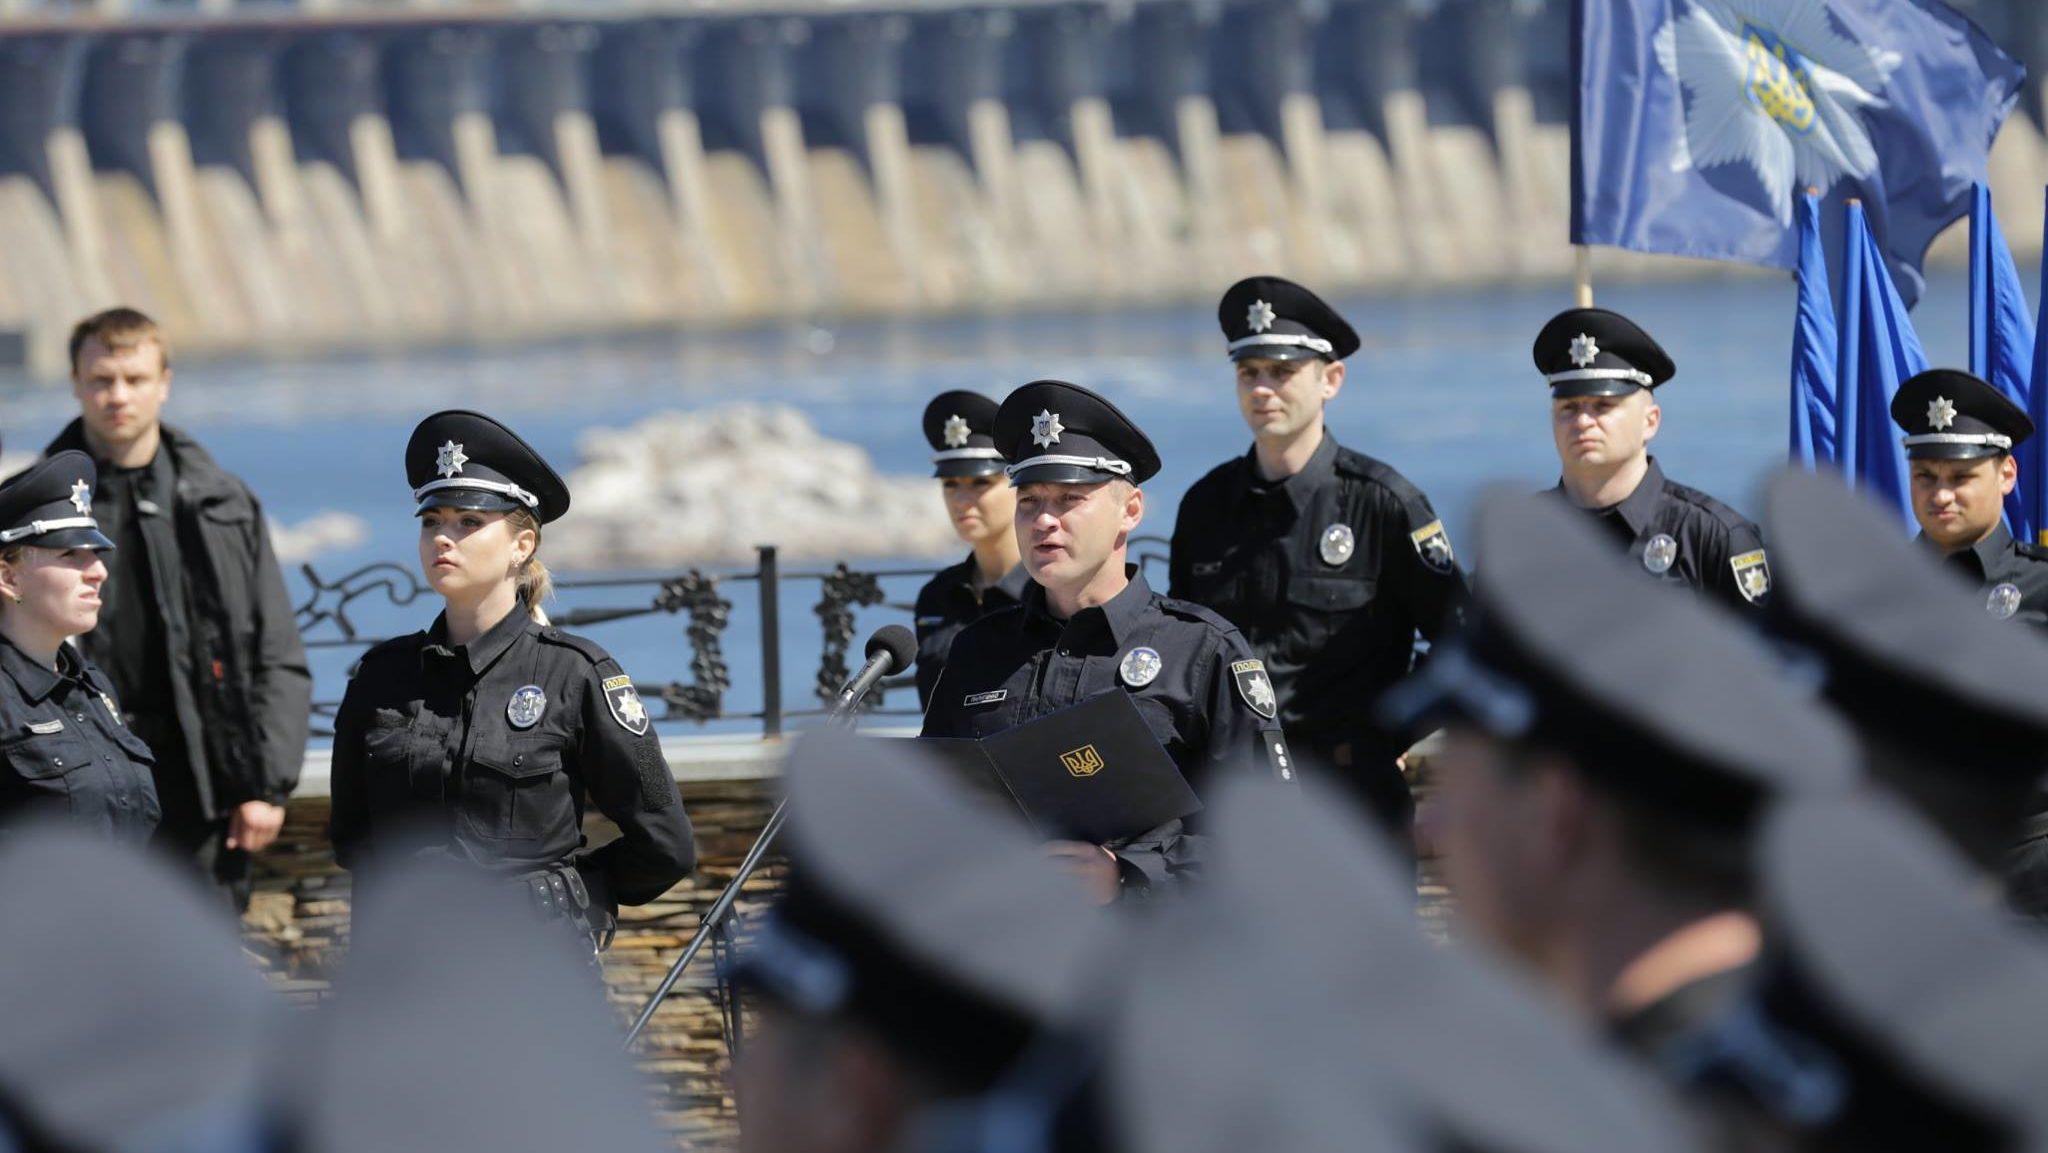 «Їдуть за кордон»: глава запорізької патрульної поліції розповіла про нестачу кадрів